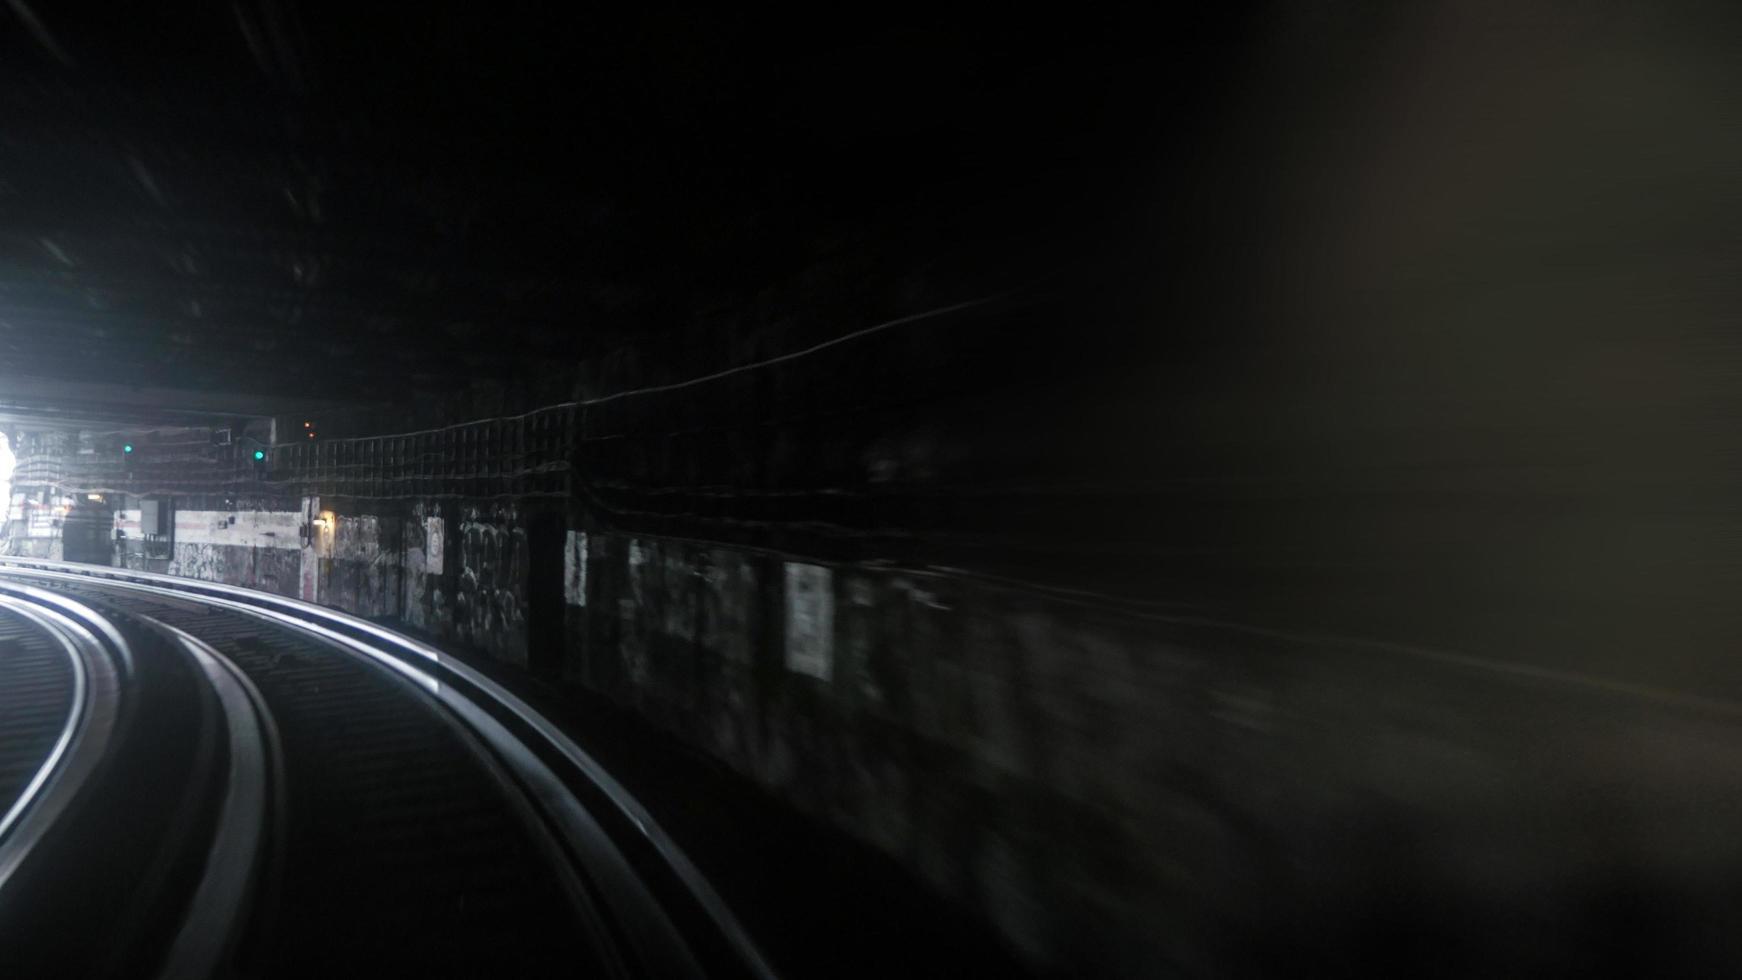 longue exposition d'une rame de métro photo